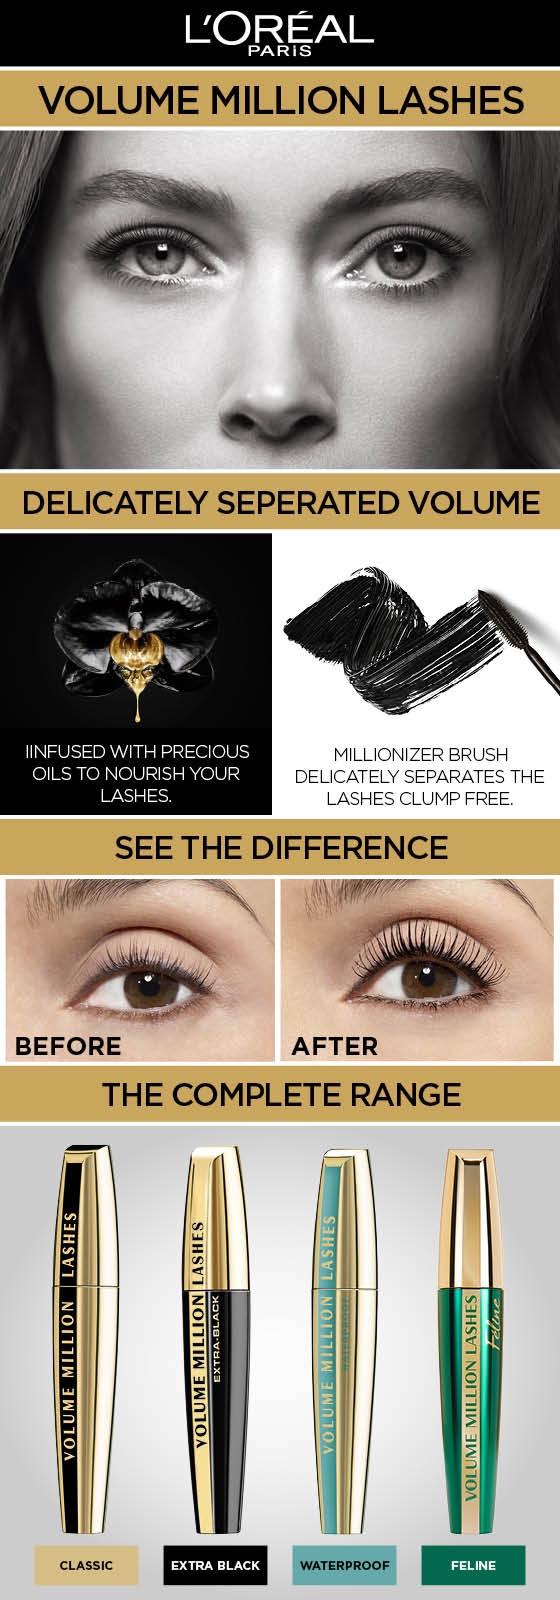 9fb87680516 General Information. Ultra black, ultra defined volume for your eyes. L'Oréal  Paris Mascara